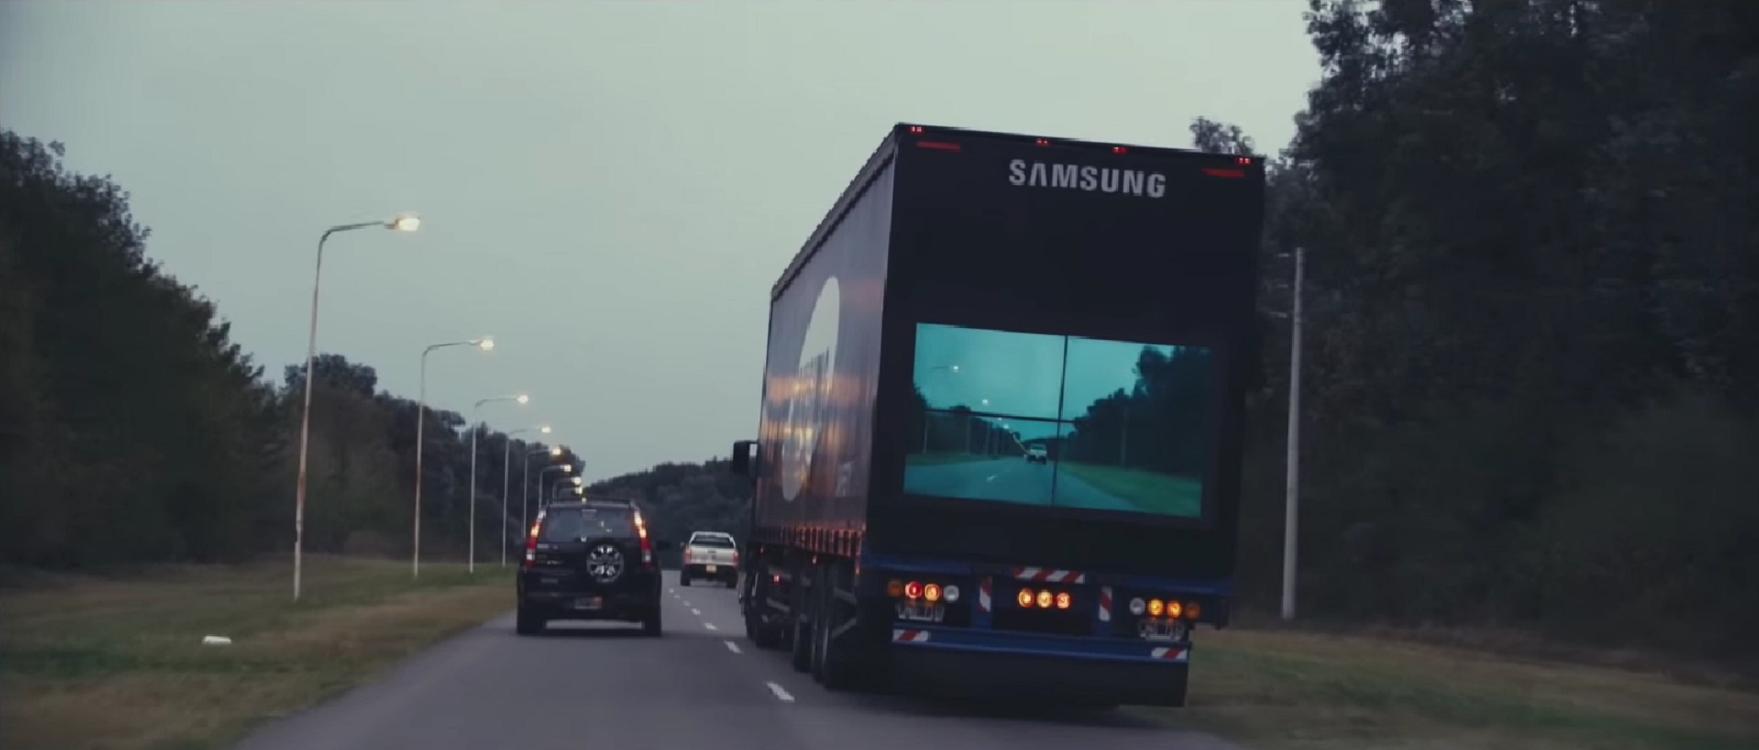 Así funciona el camión de Samsung que promete revolucionar la seguridad vial